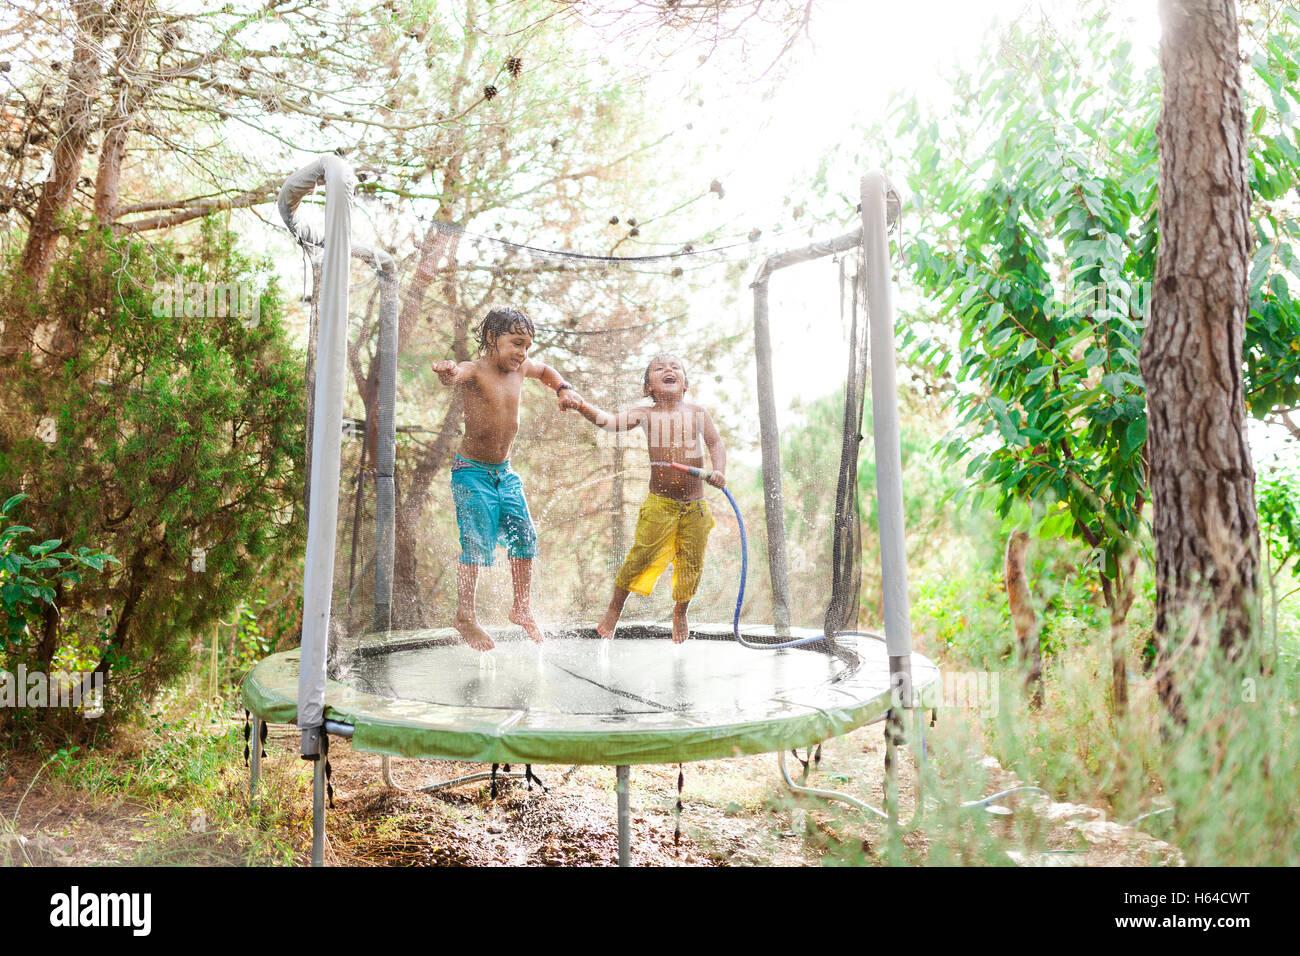 Zwei kleine Jungs beim Spritzen mit Wasser aus